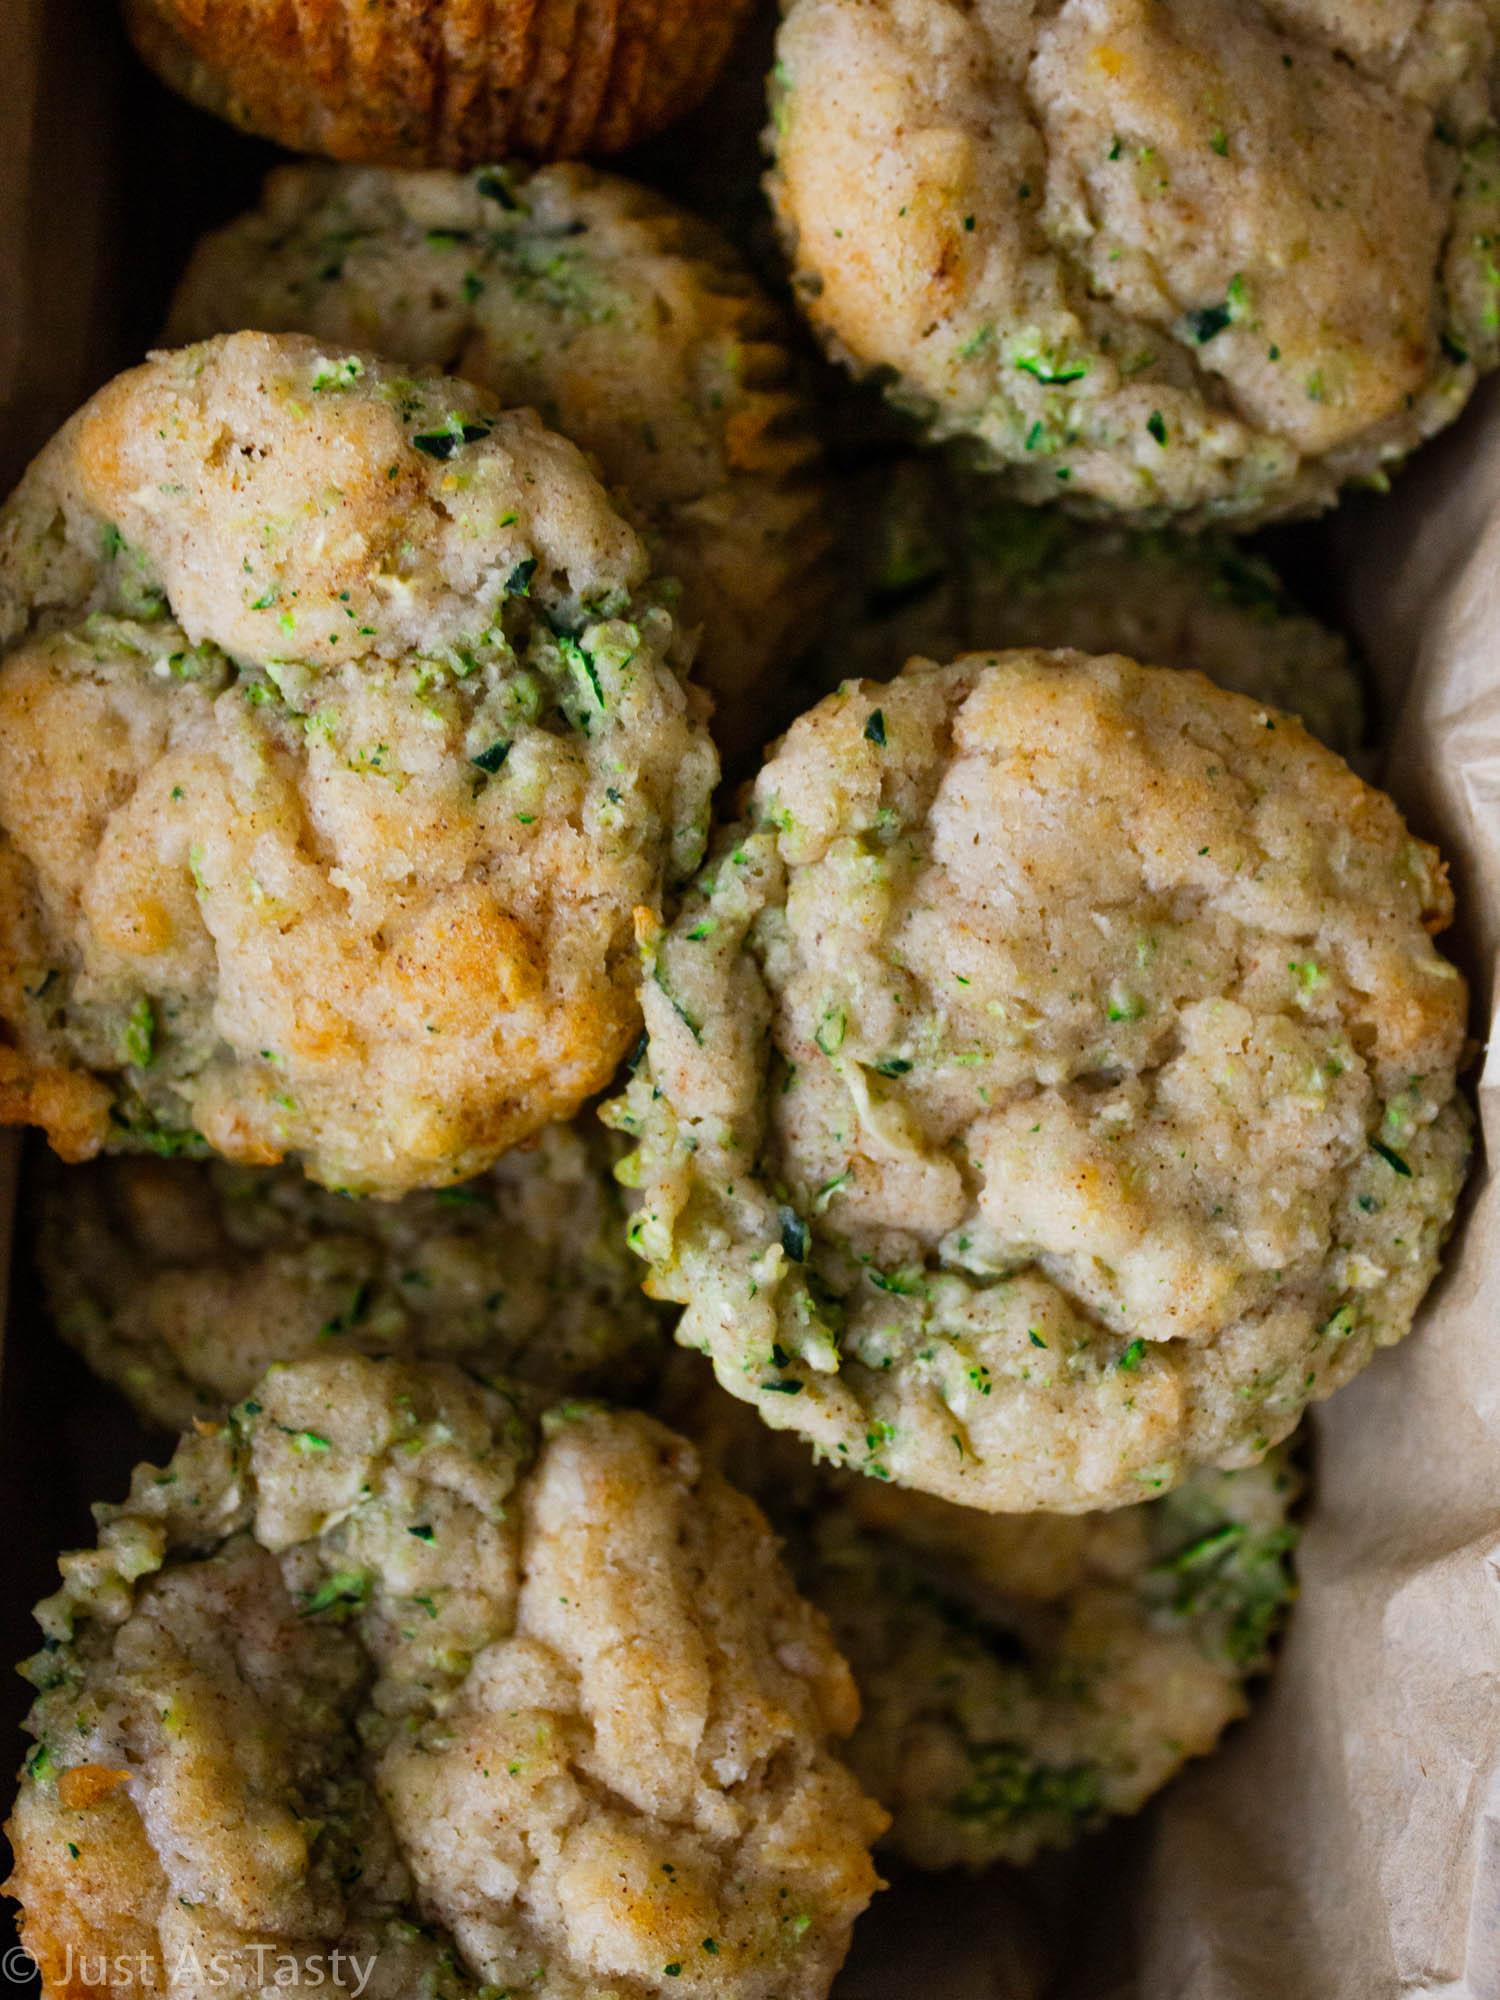 Close-up of gluten free zucchini muffins.